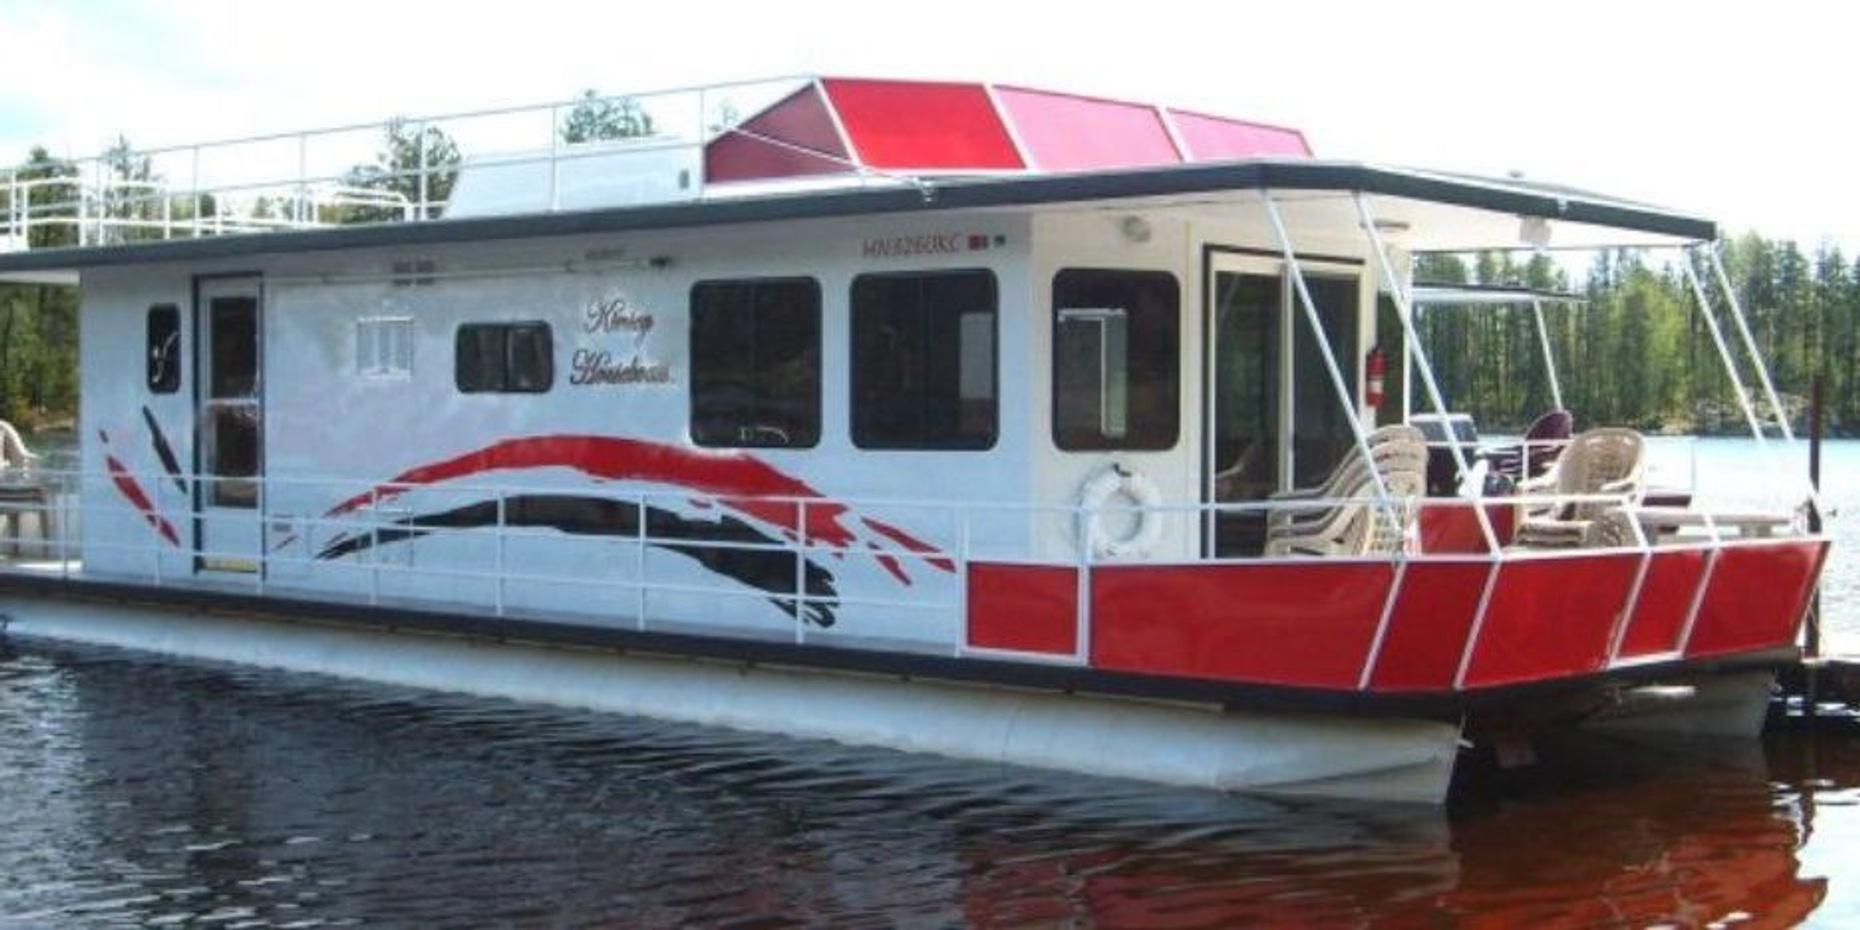 50-Foot Houseboat Rental in Babbitt